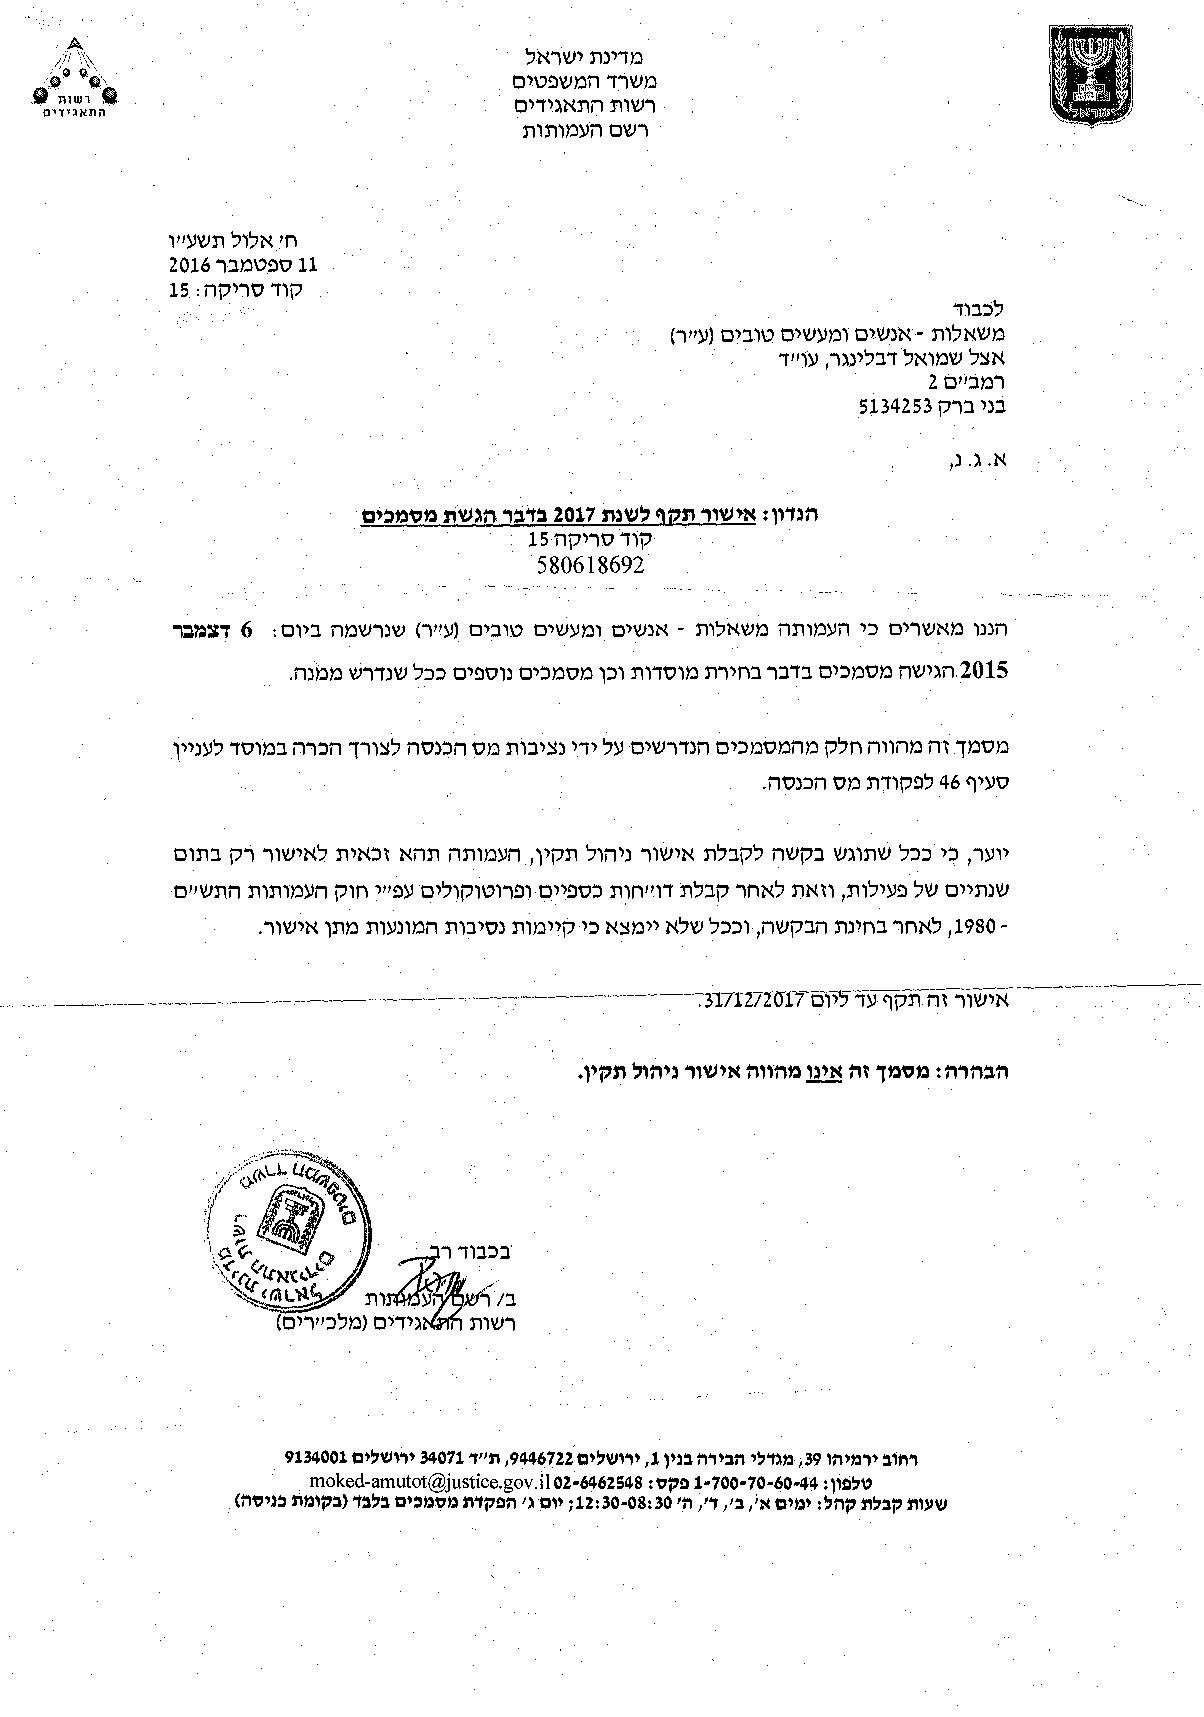 אישור הגשת מסמכים